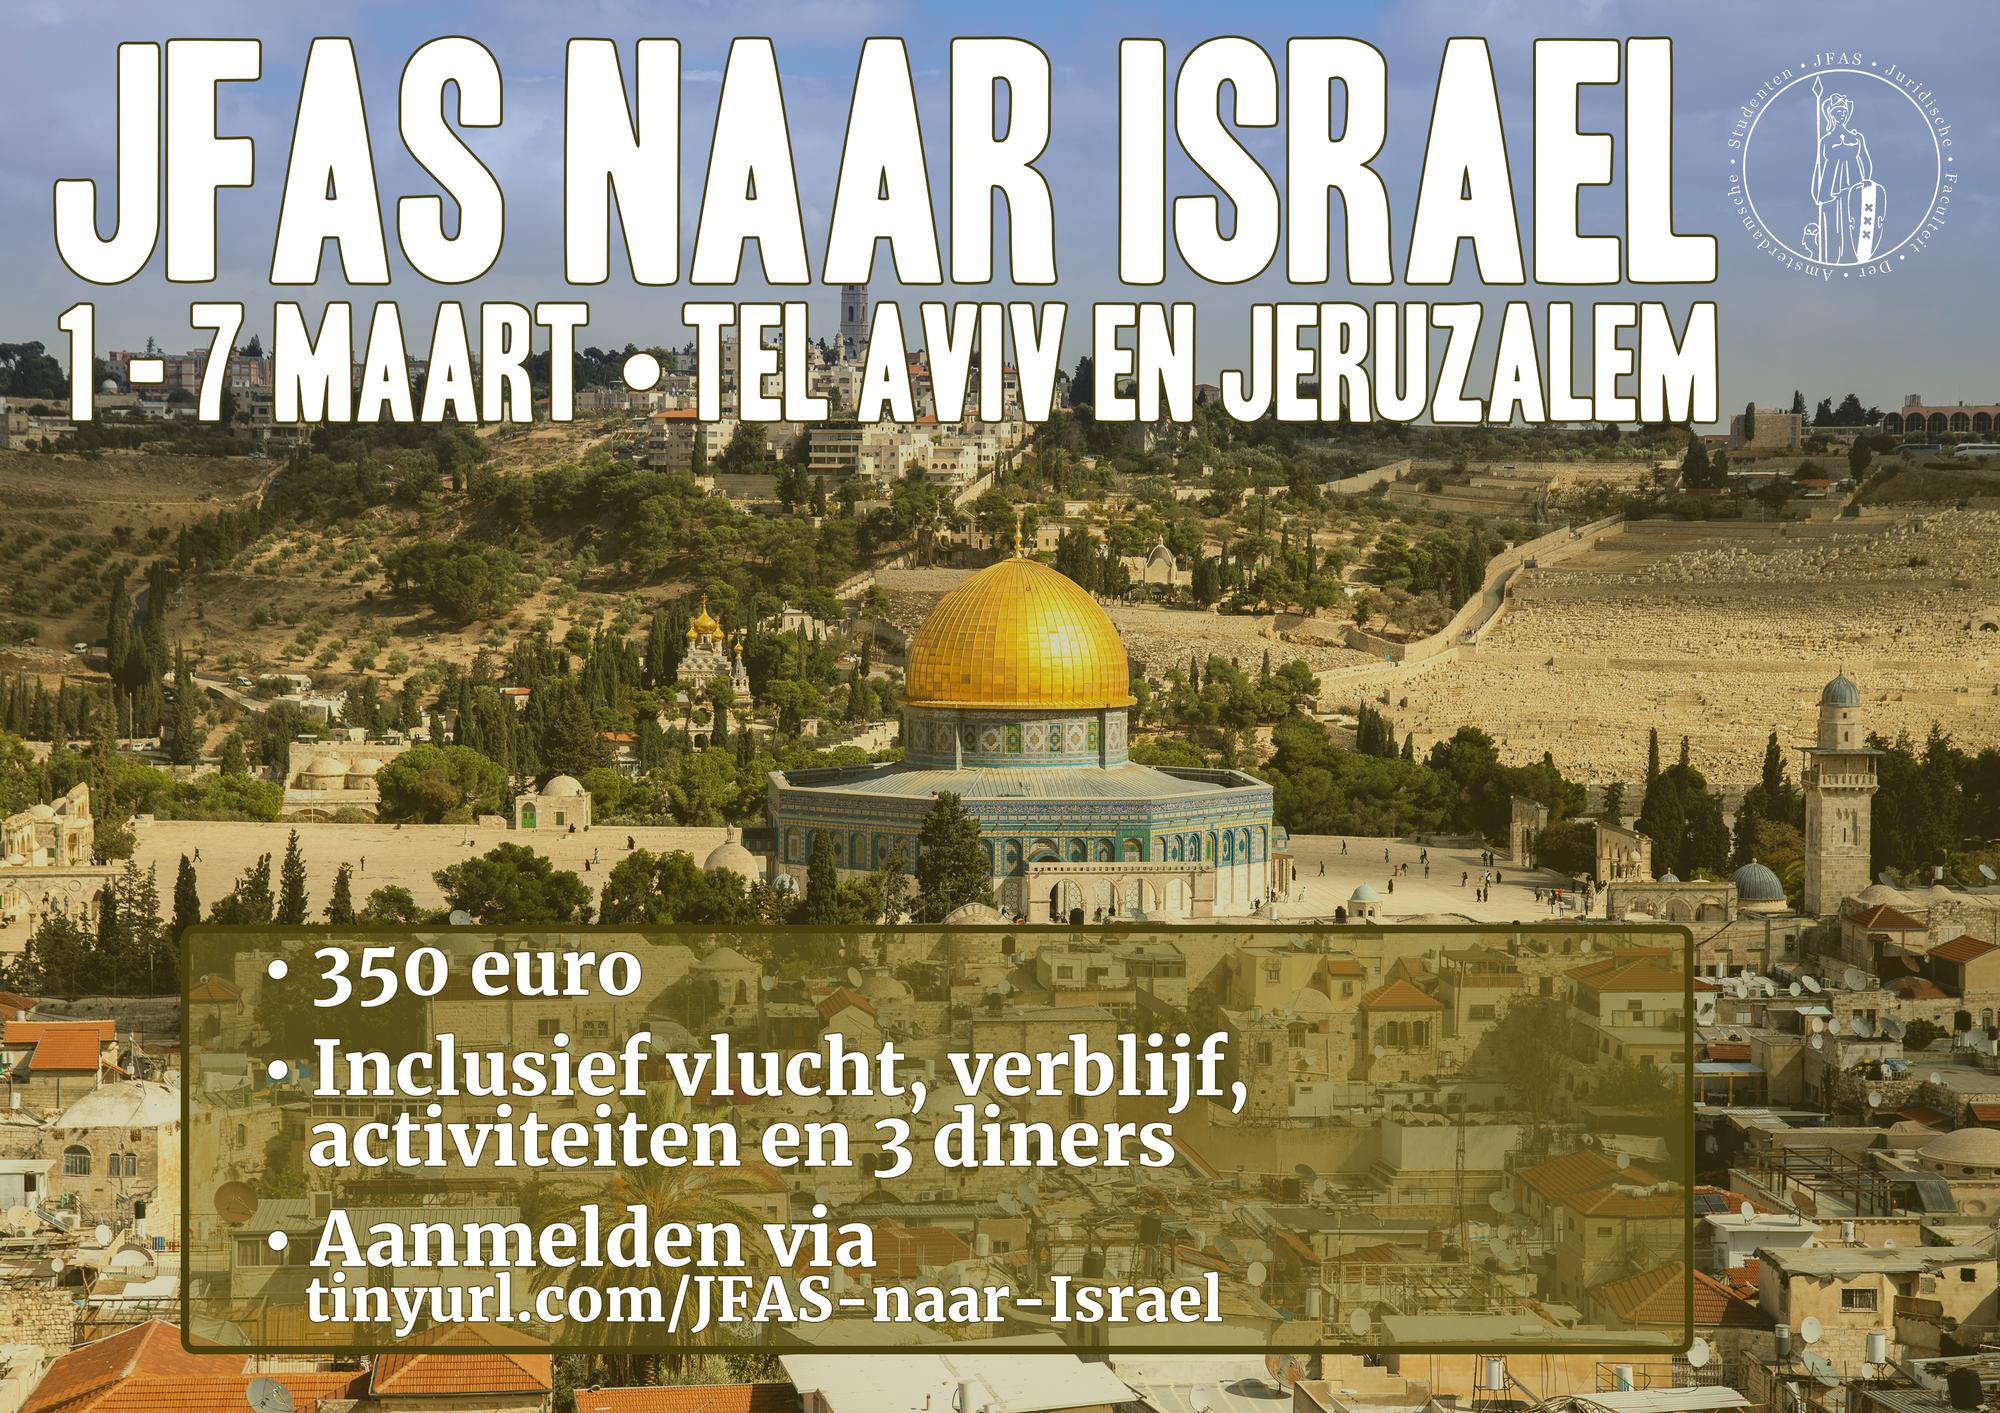 Bachelorreis: Tel Aviv en Jerusalem